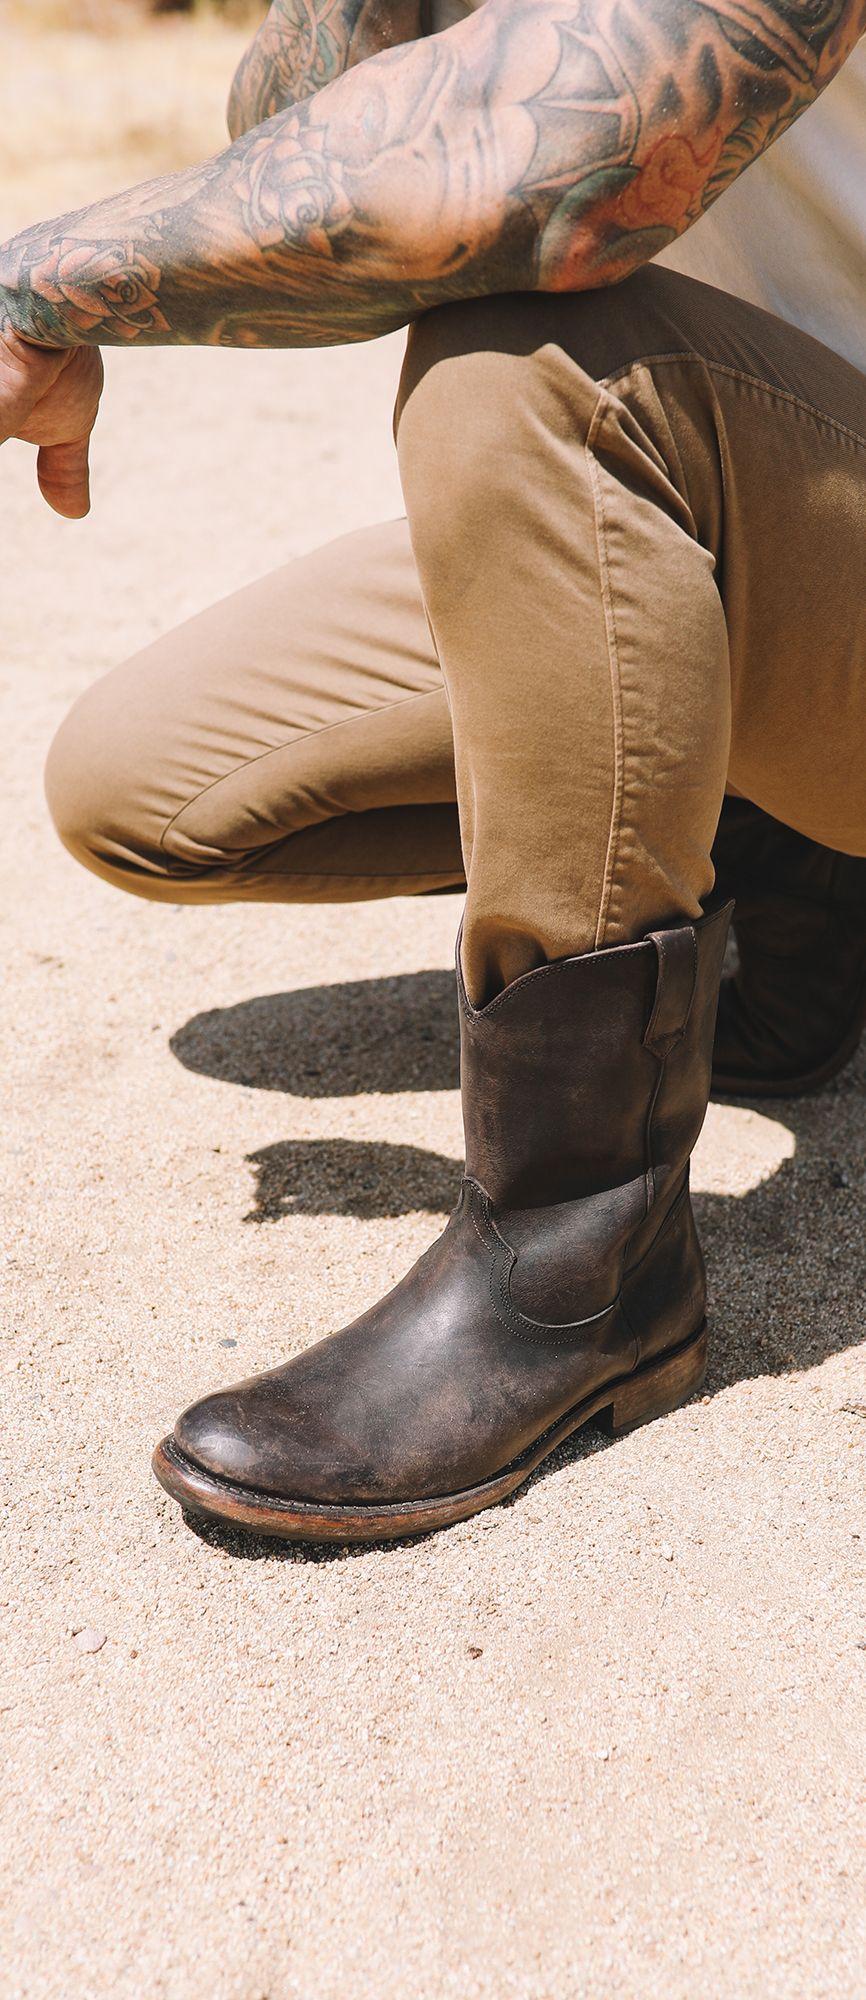 Roper boots, Mens cowboy boots